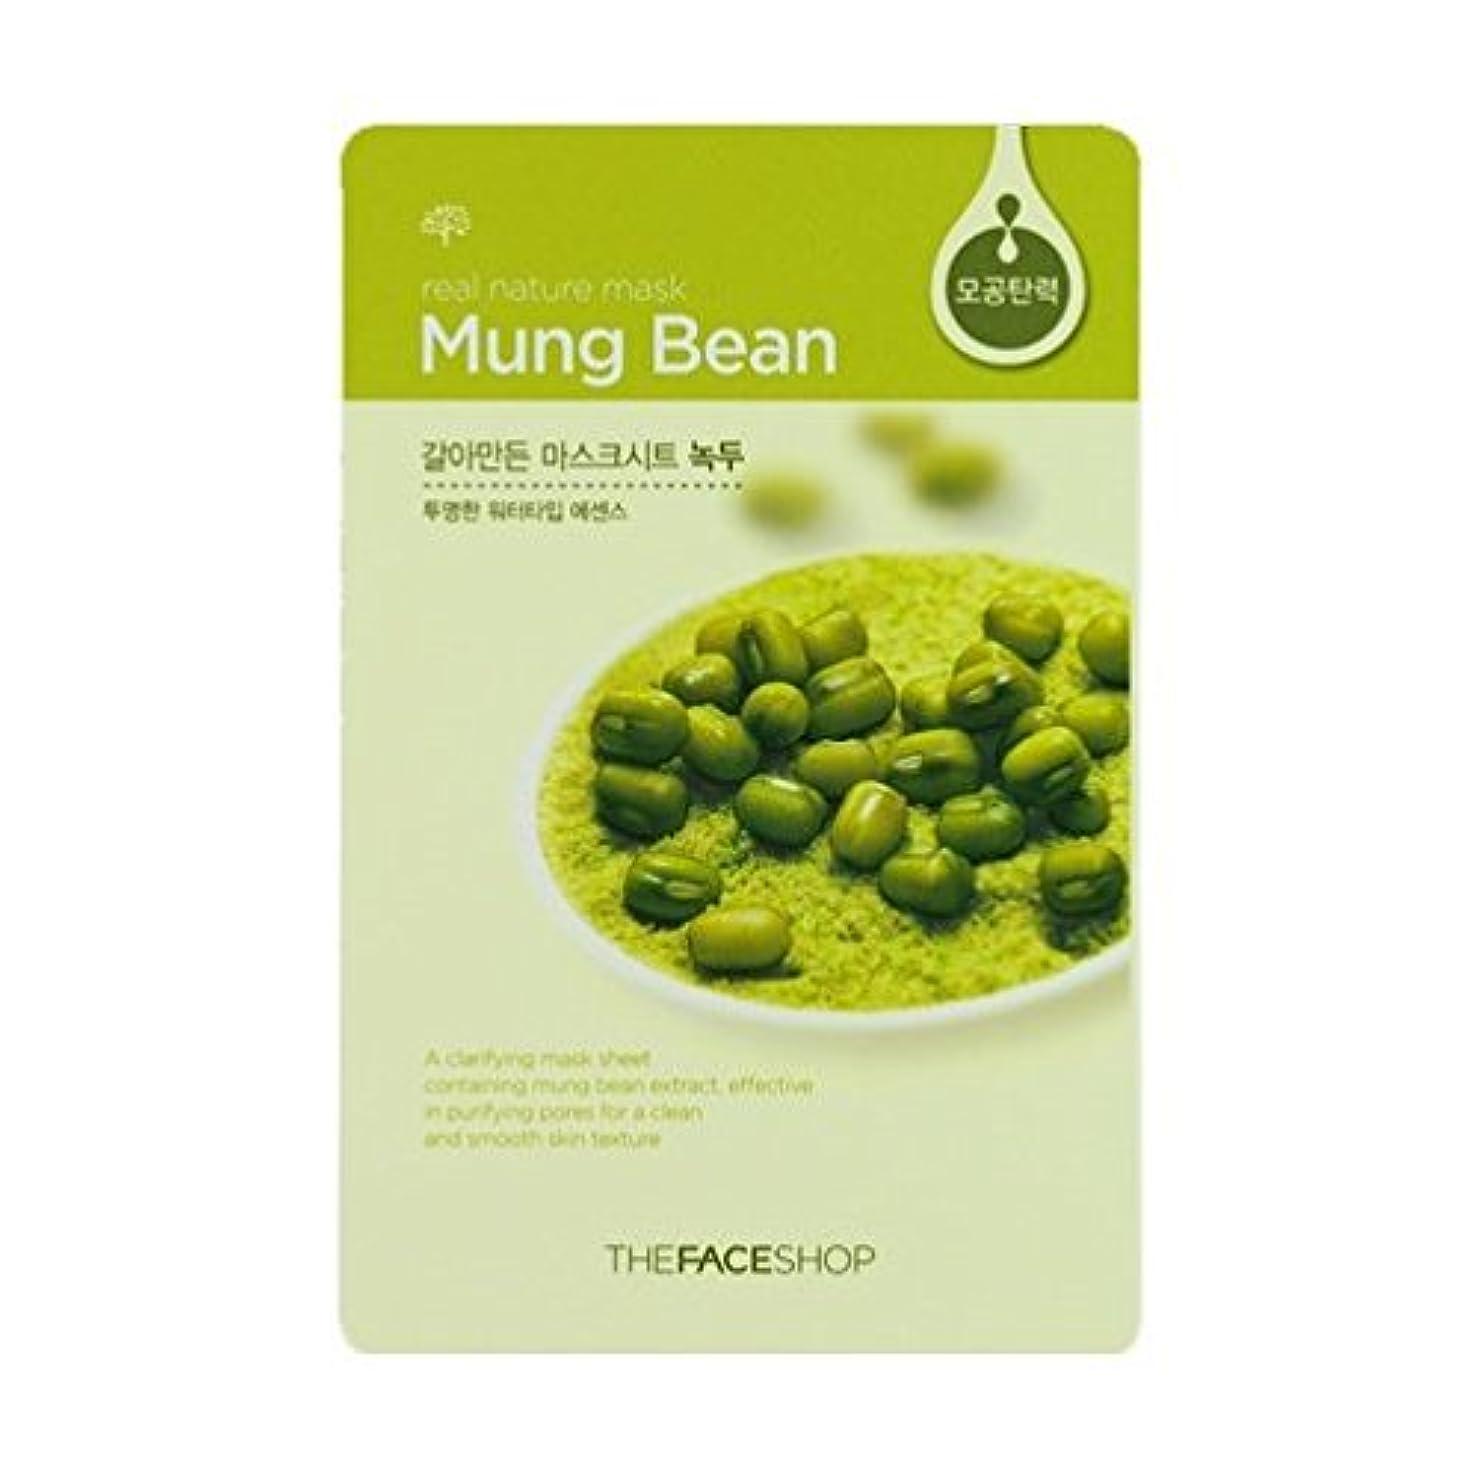 校長合成そこ[ザフェイスショップ] THE FACE SHOP [リアルナチュラル マスクシート] (Real Nature Mask Sheet) (Mask Sheet Mung Bean 30枚) [並行輸入品]